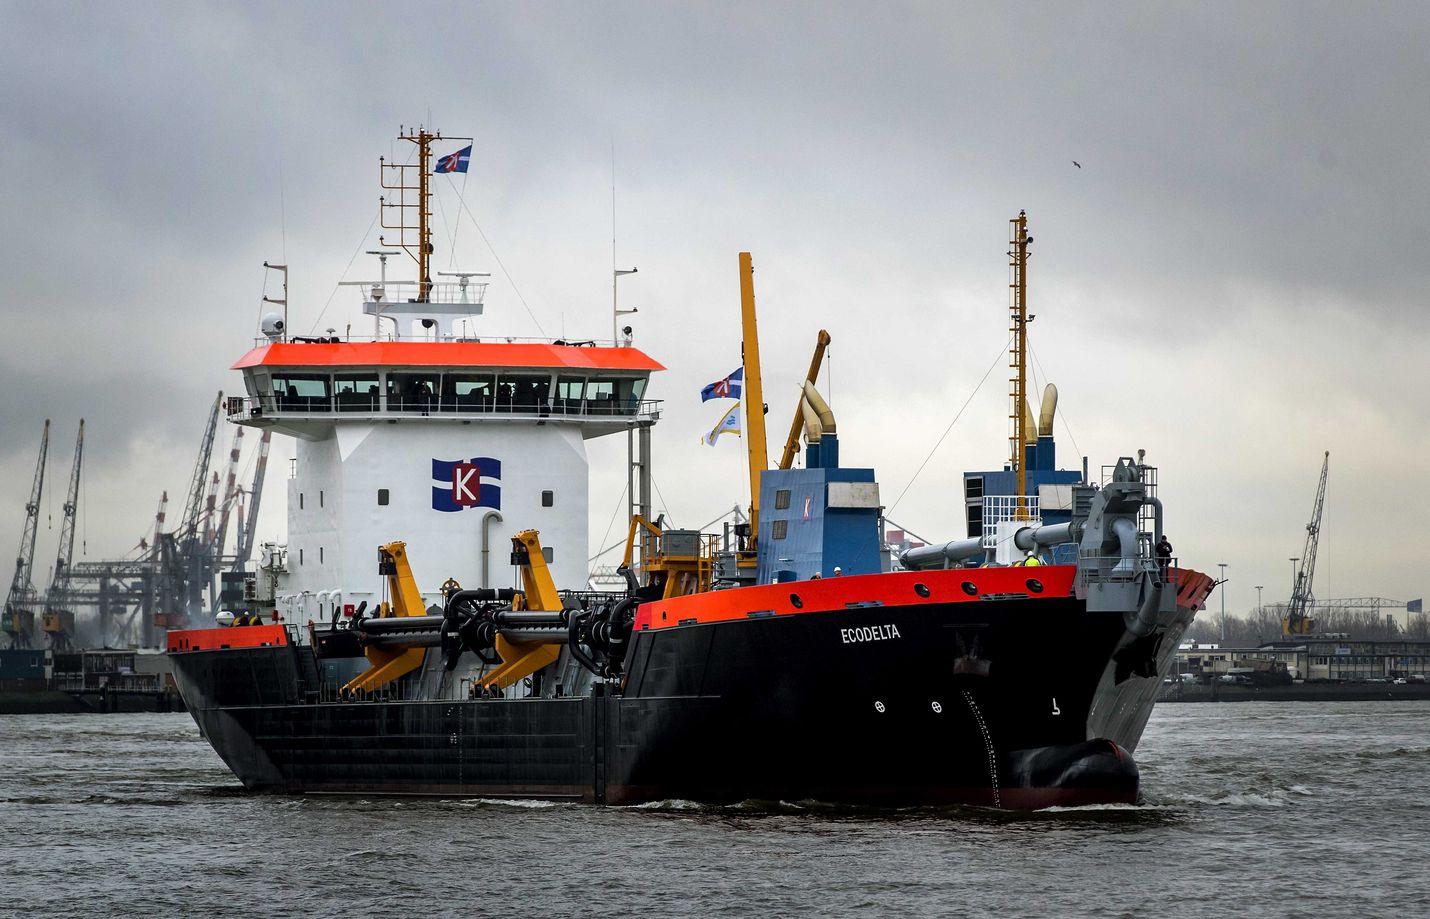 Laiva on saapumassa Rotterdamin satamaan.